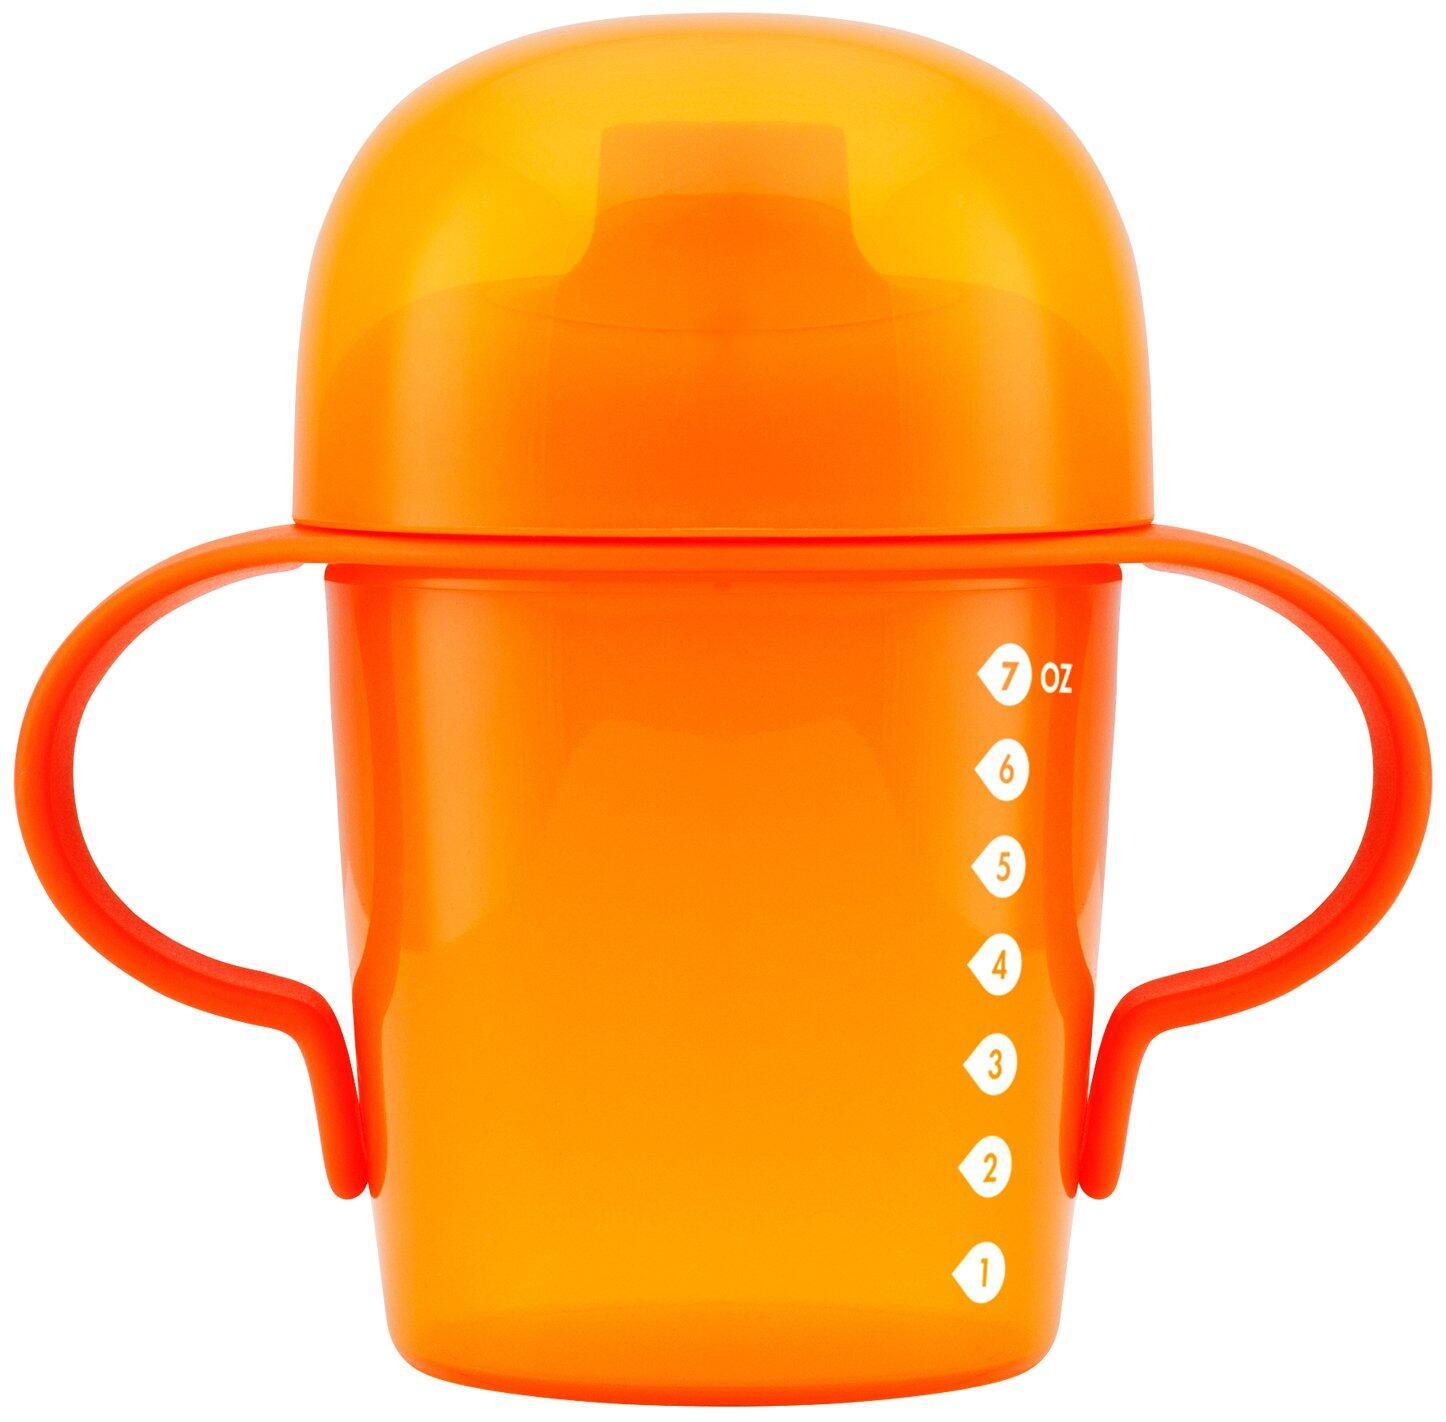 Boon Sip Short Soft Spout Sippy Cup 7oz/207ml Orange